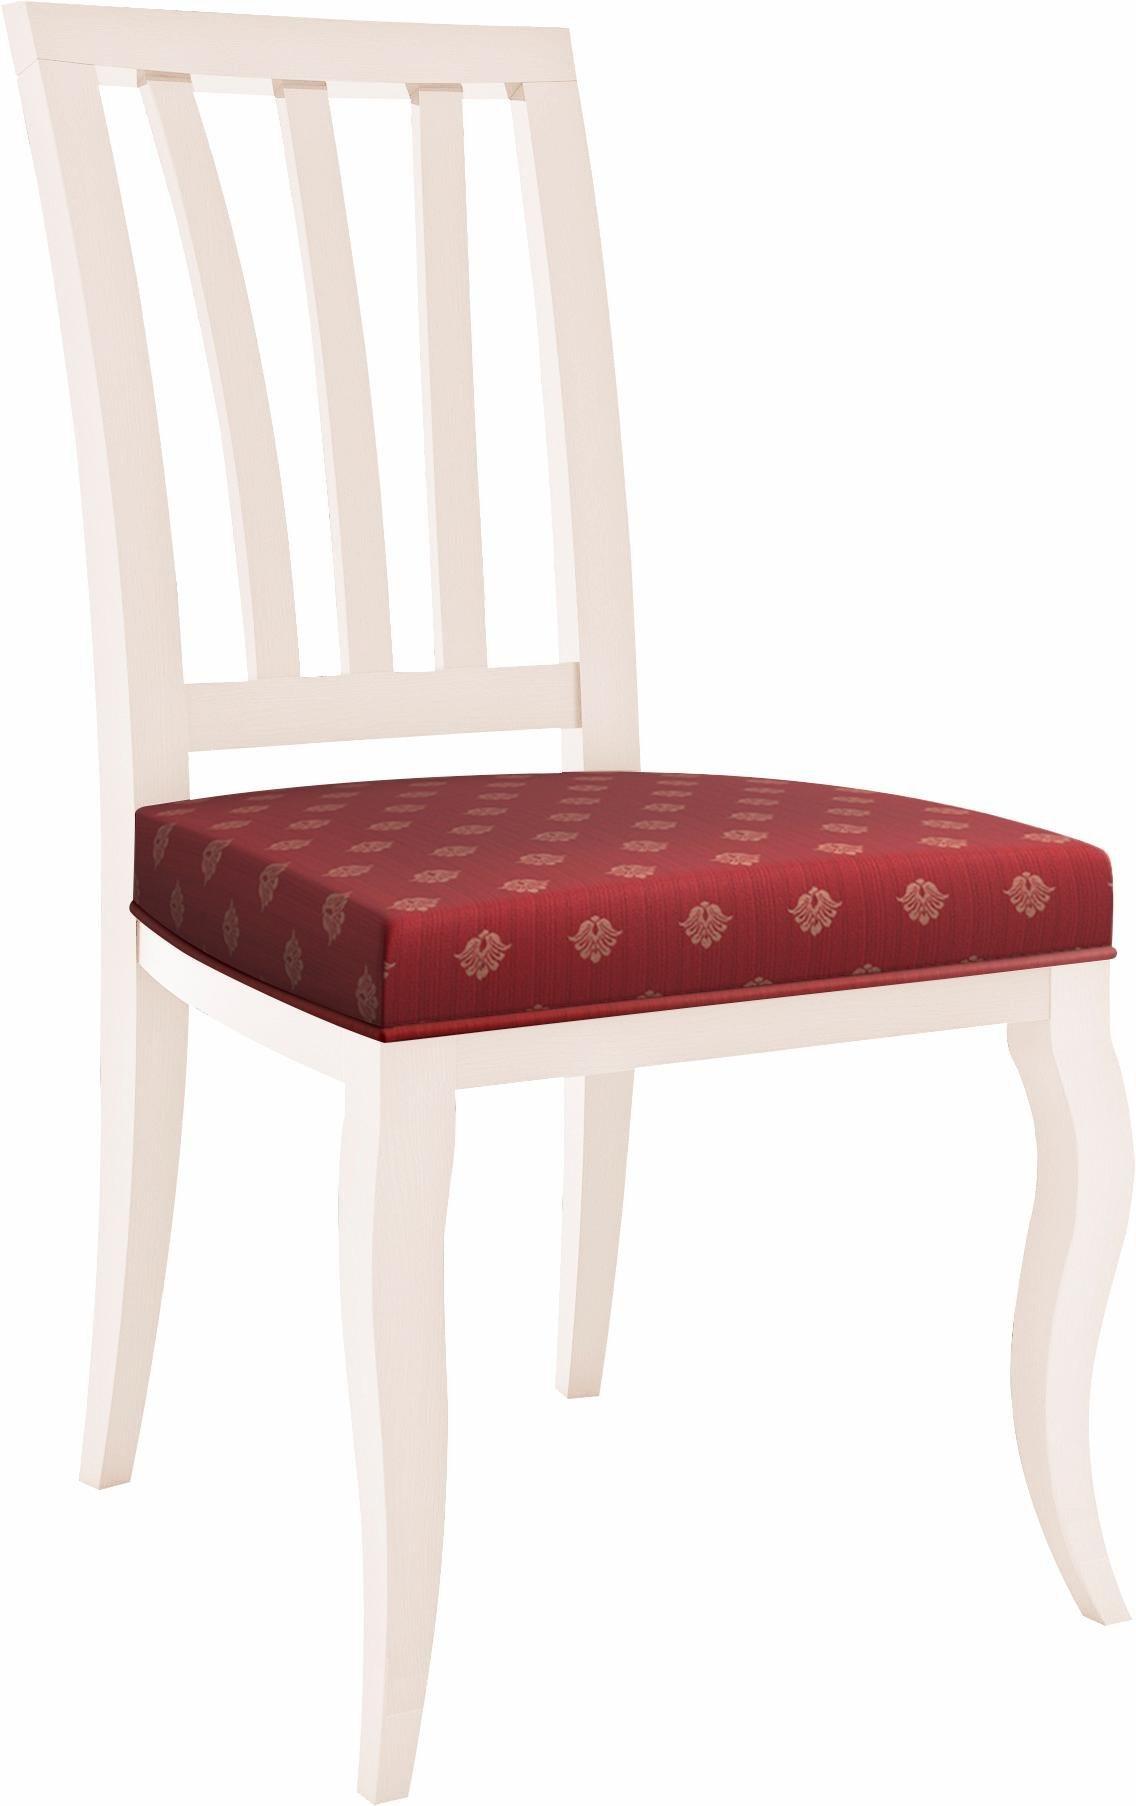 safavieh Holzstühle online kaufen | Möbel-Suchmaschine | ladendirekt.de